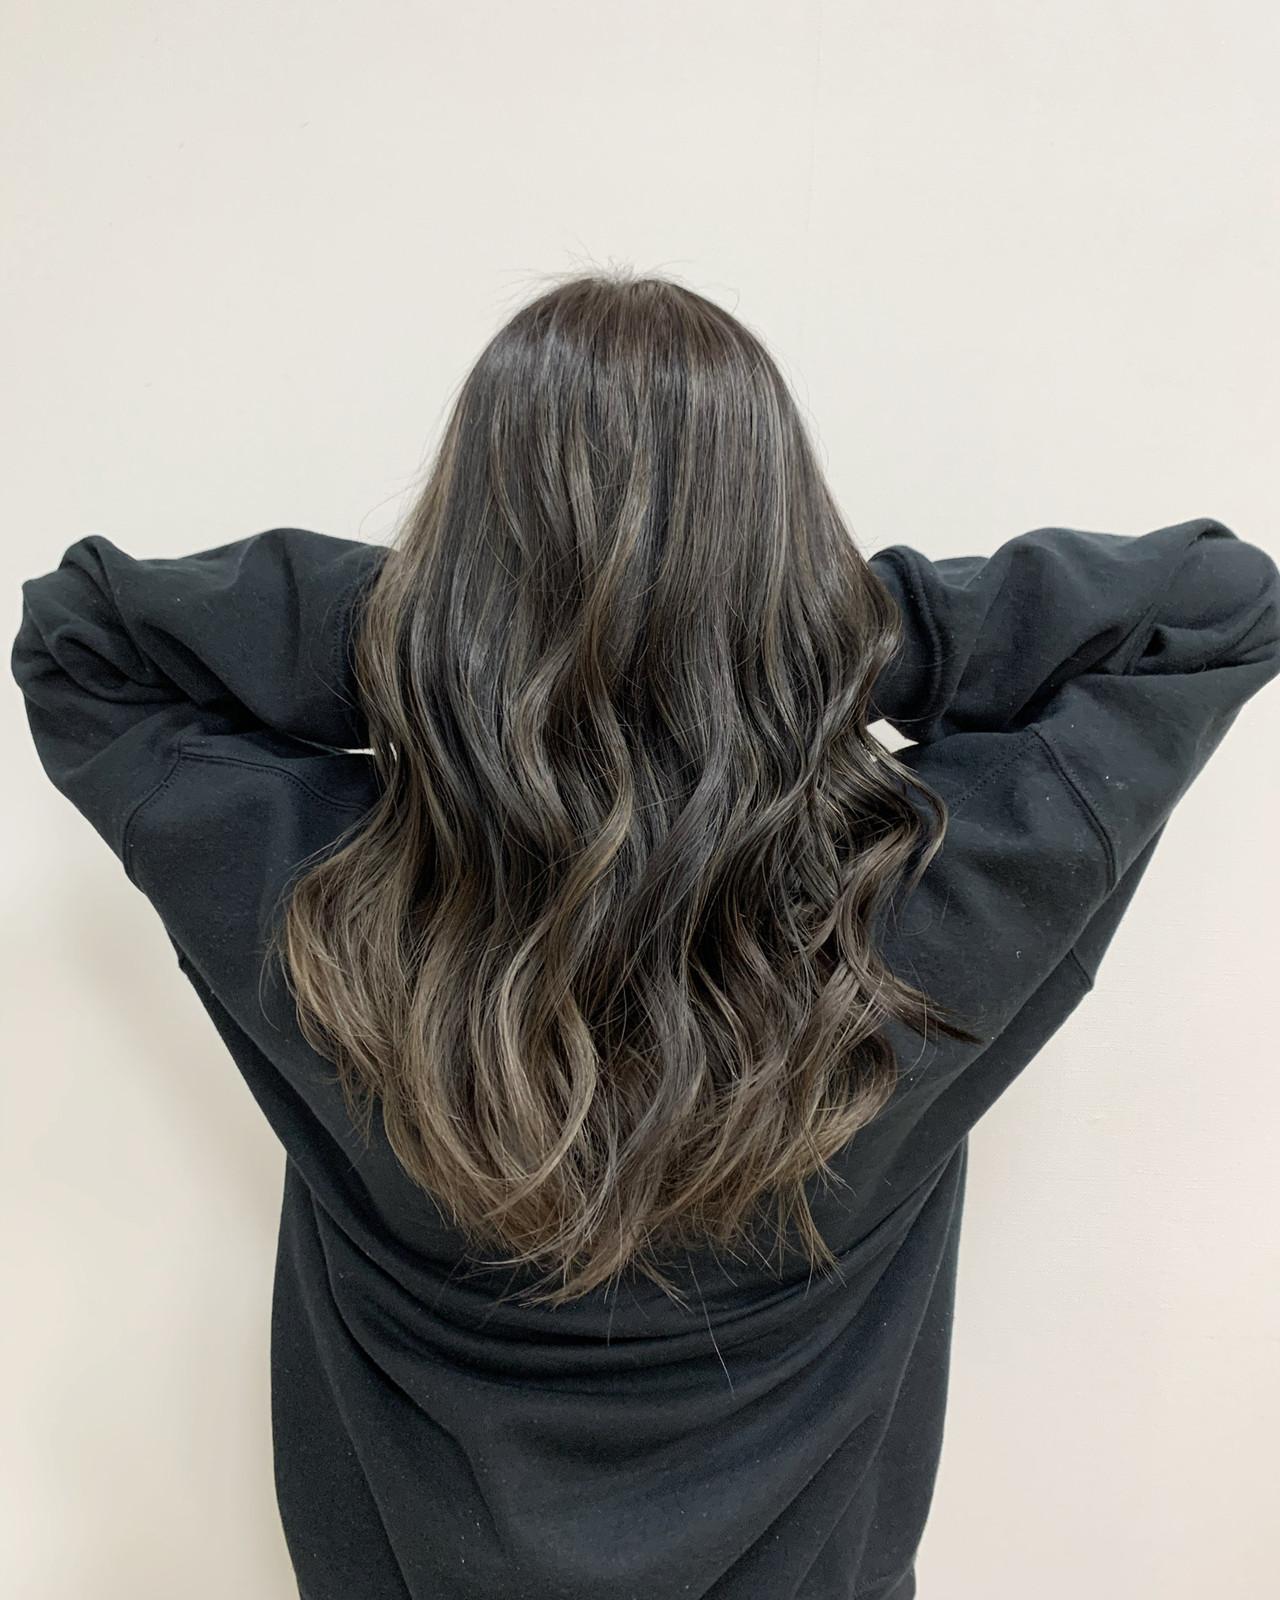 ハイライト セミロング 大人ハイライト グレージュ ヘアスタイルや髪型の写真・画像 | 深見 拓/ハイライト / soin de brace 大日店